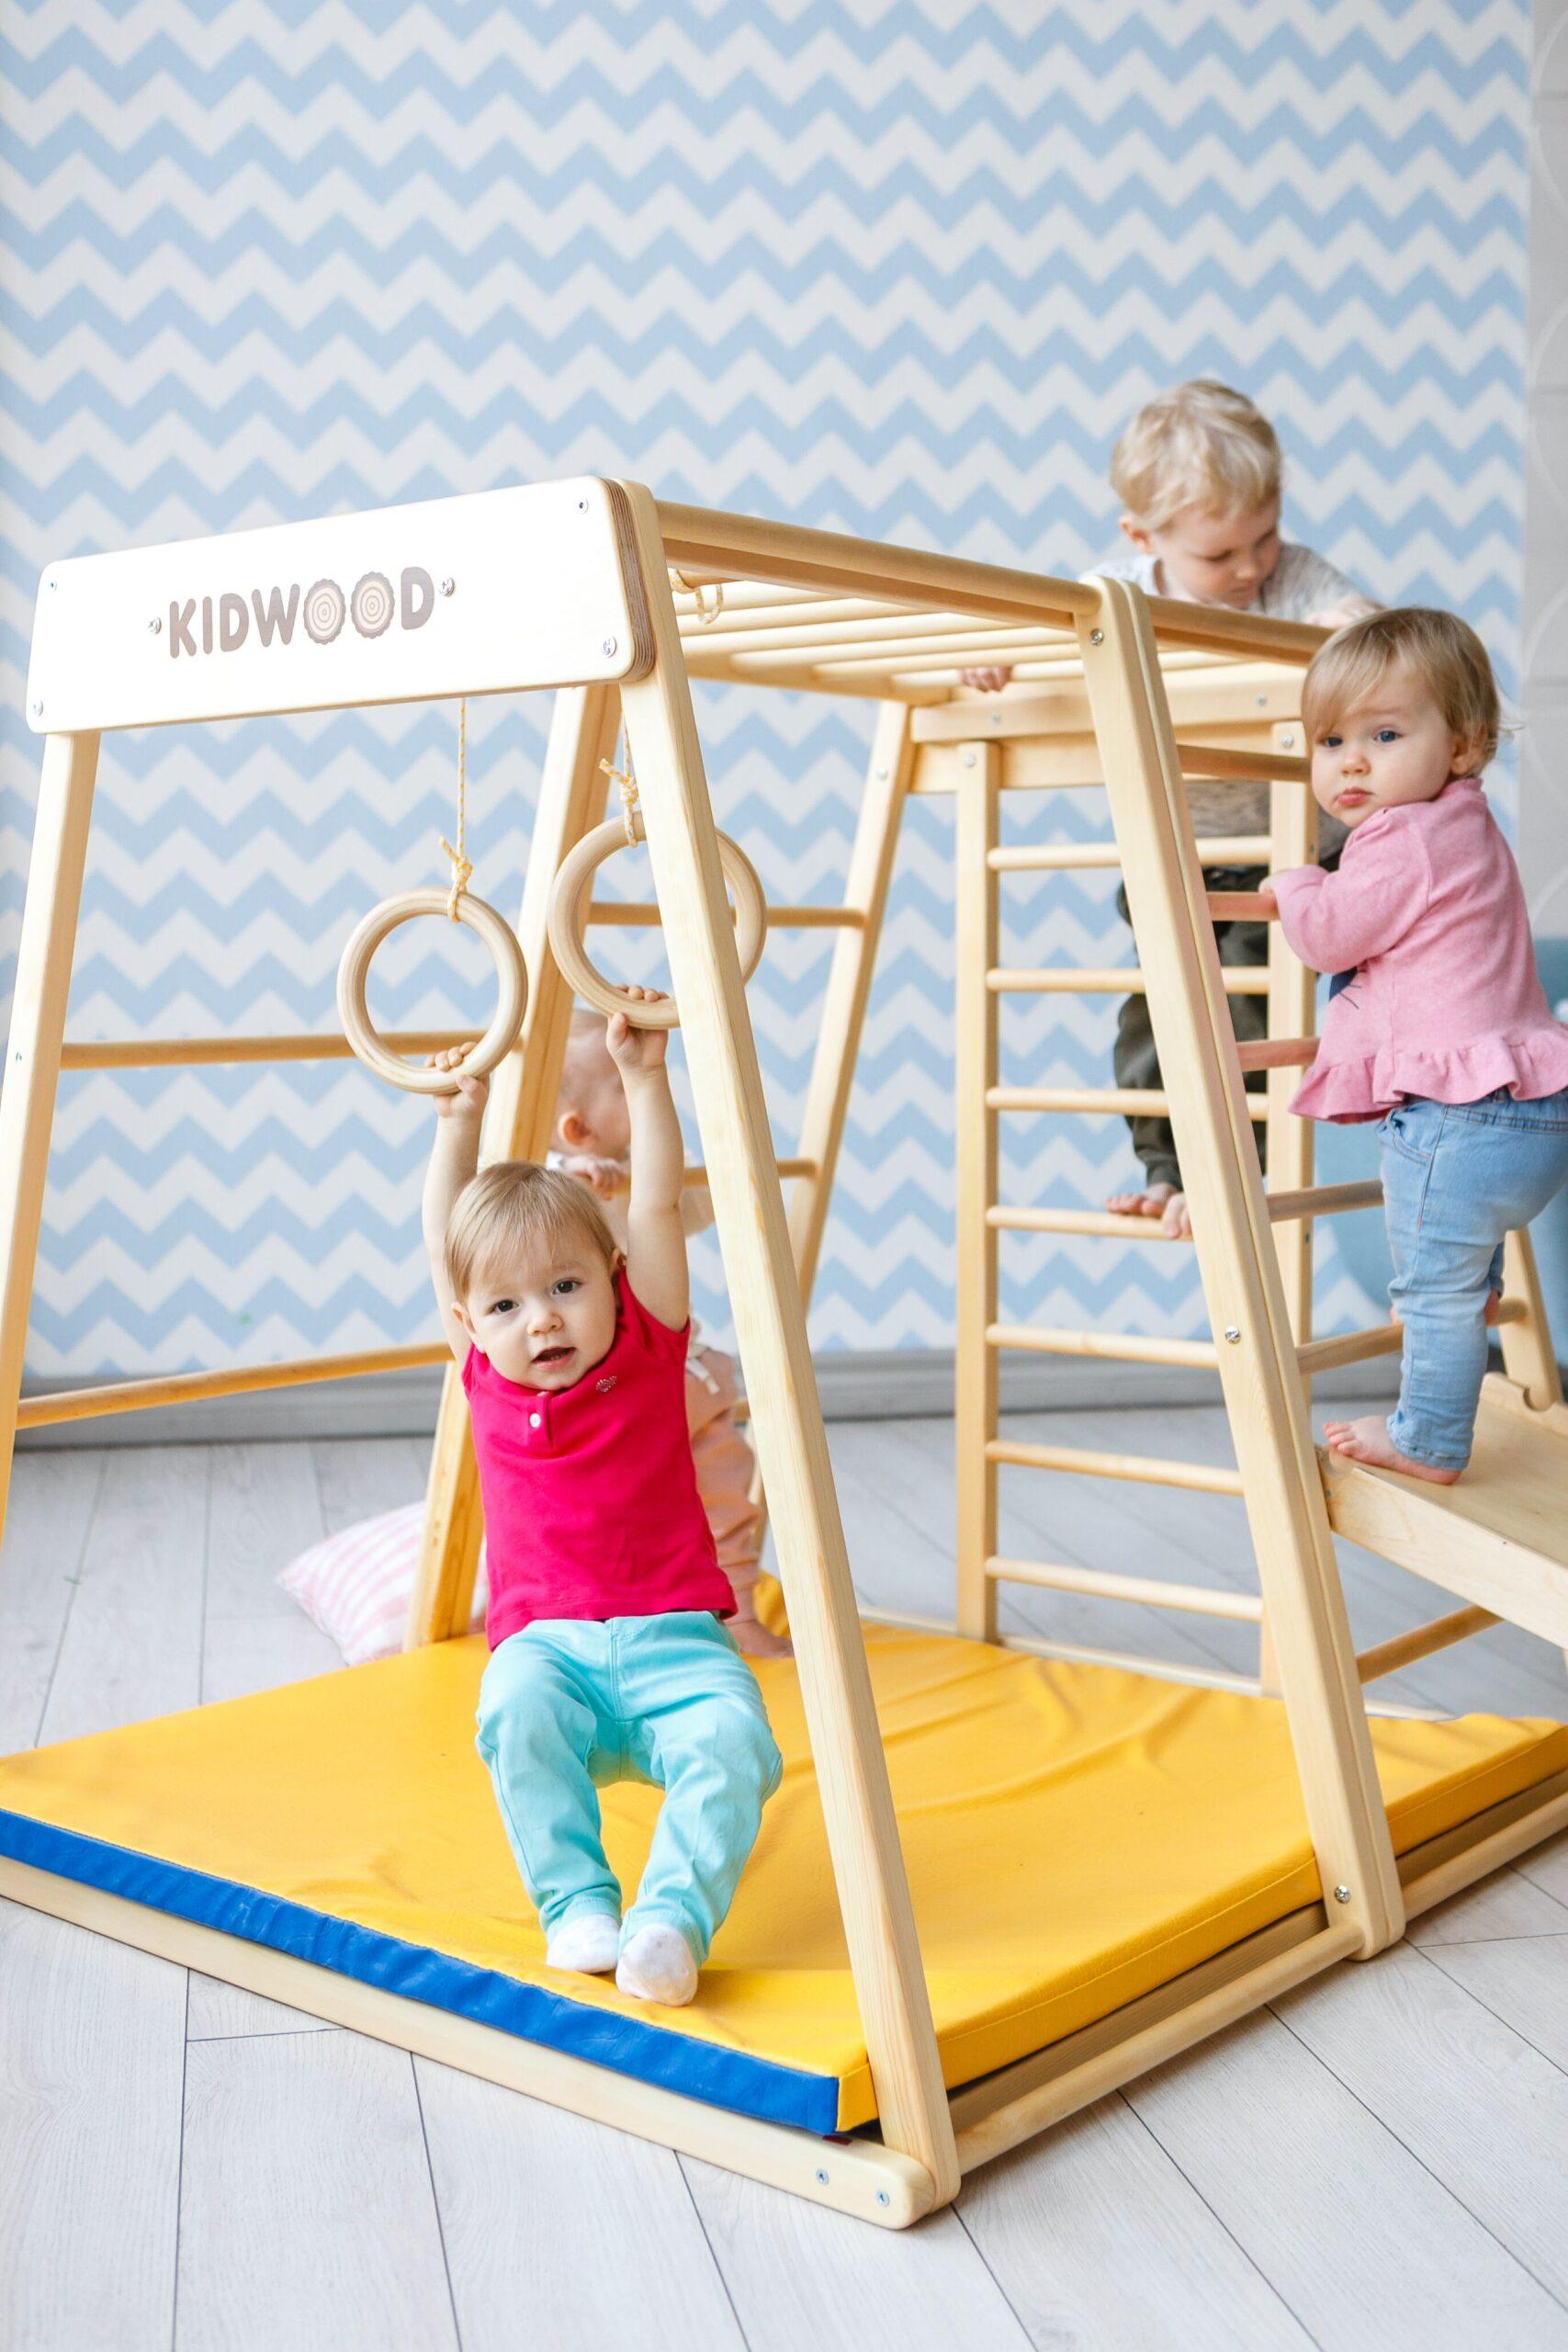 Full Size of Mchten Sie Klettergerüst Garten Wohnzimmer Klettergerüst Indoor Diy